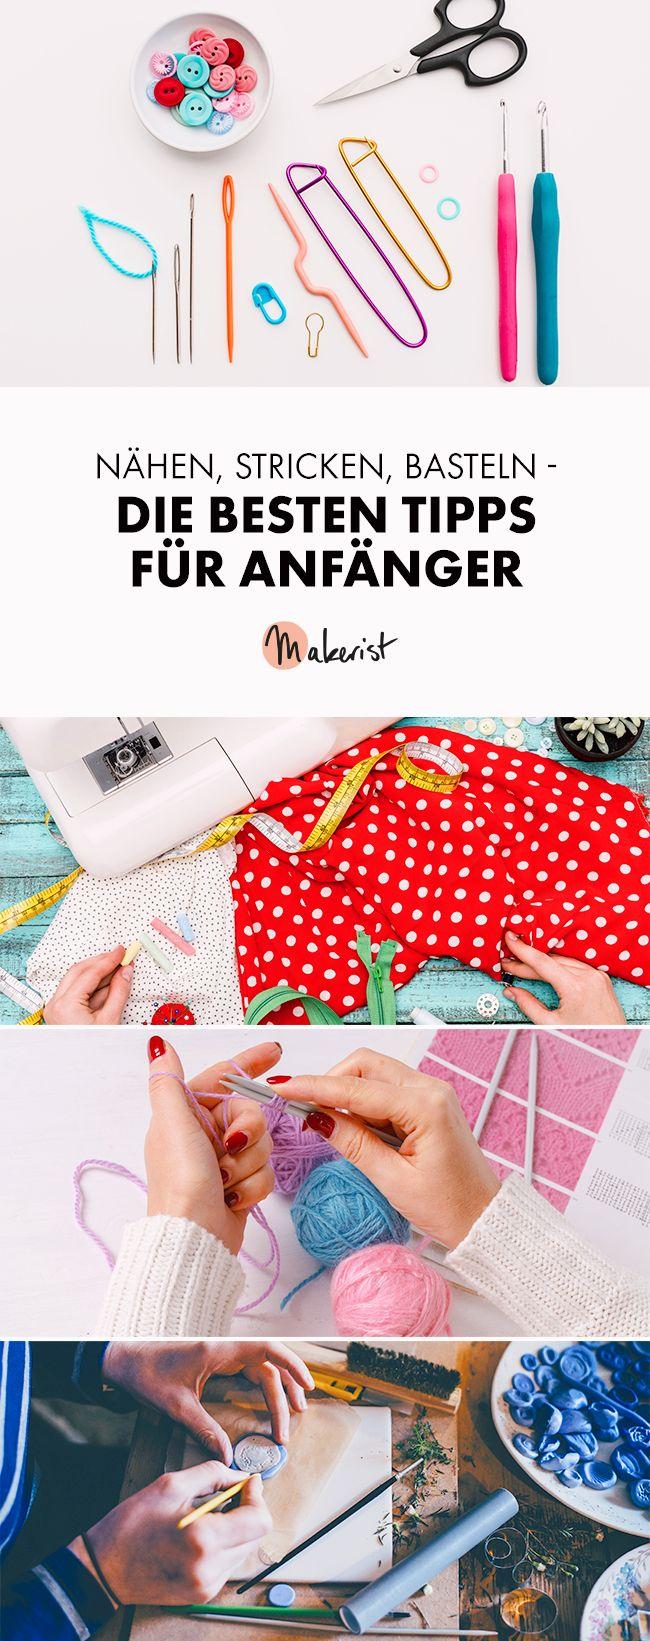 146 best Nähprojekte images on Pinterest   Abschluss, Accessoirs und ...